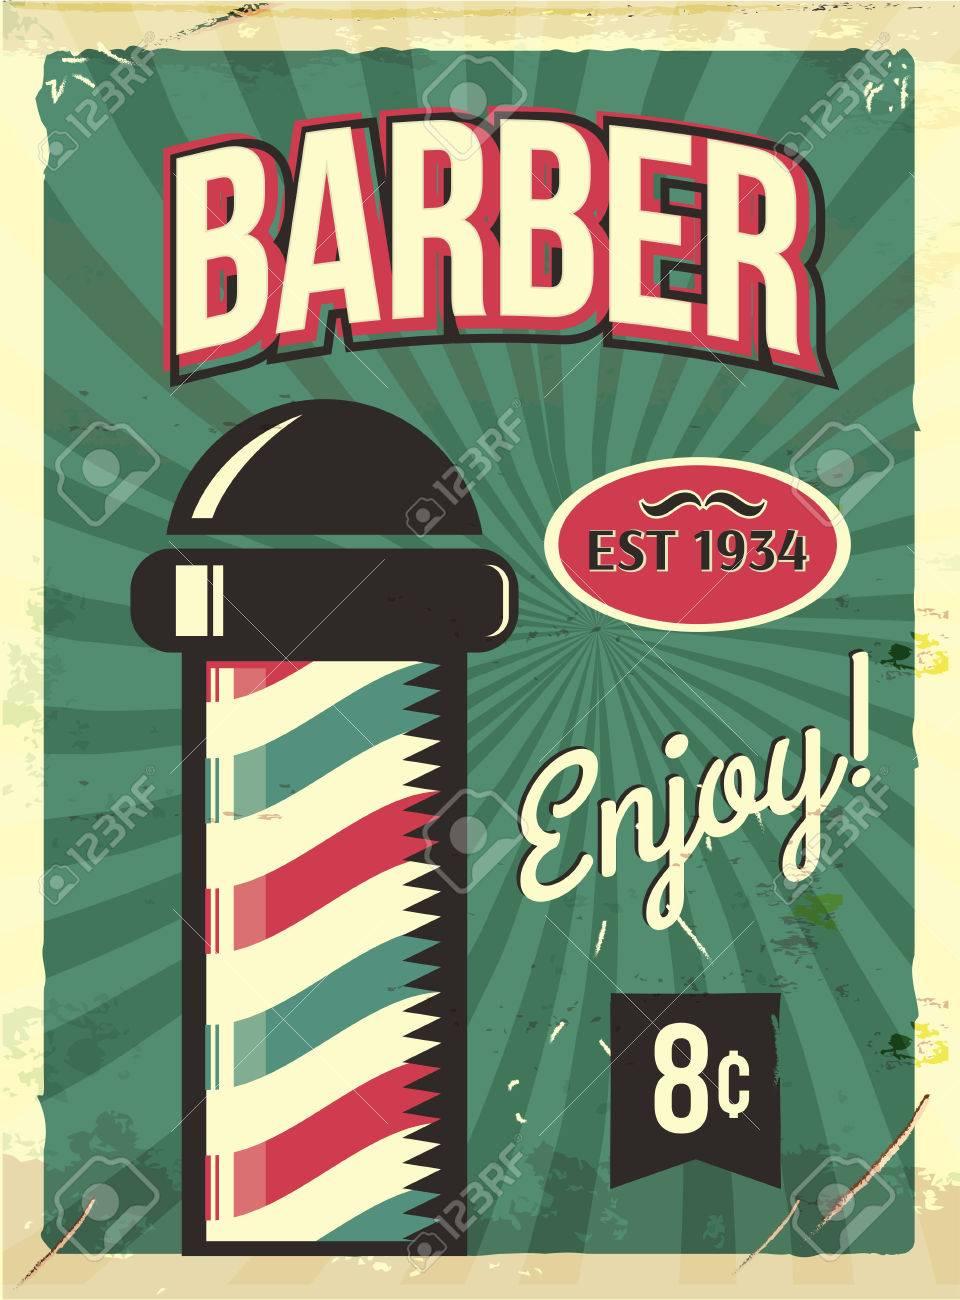 Grunge Retro Metal Sign With Barber Pole Barbershop Flyer Vintage Poster Old Fashioned